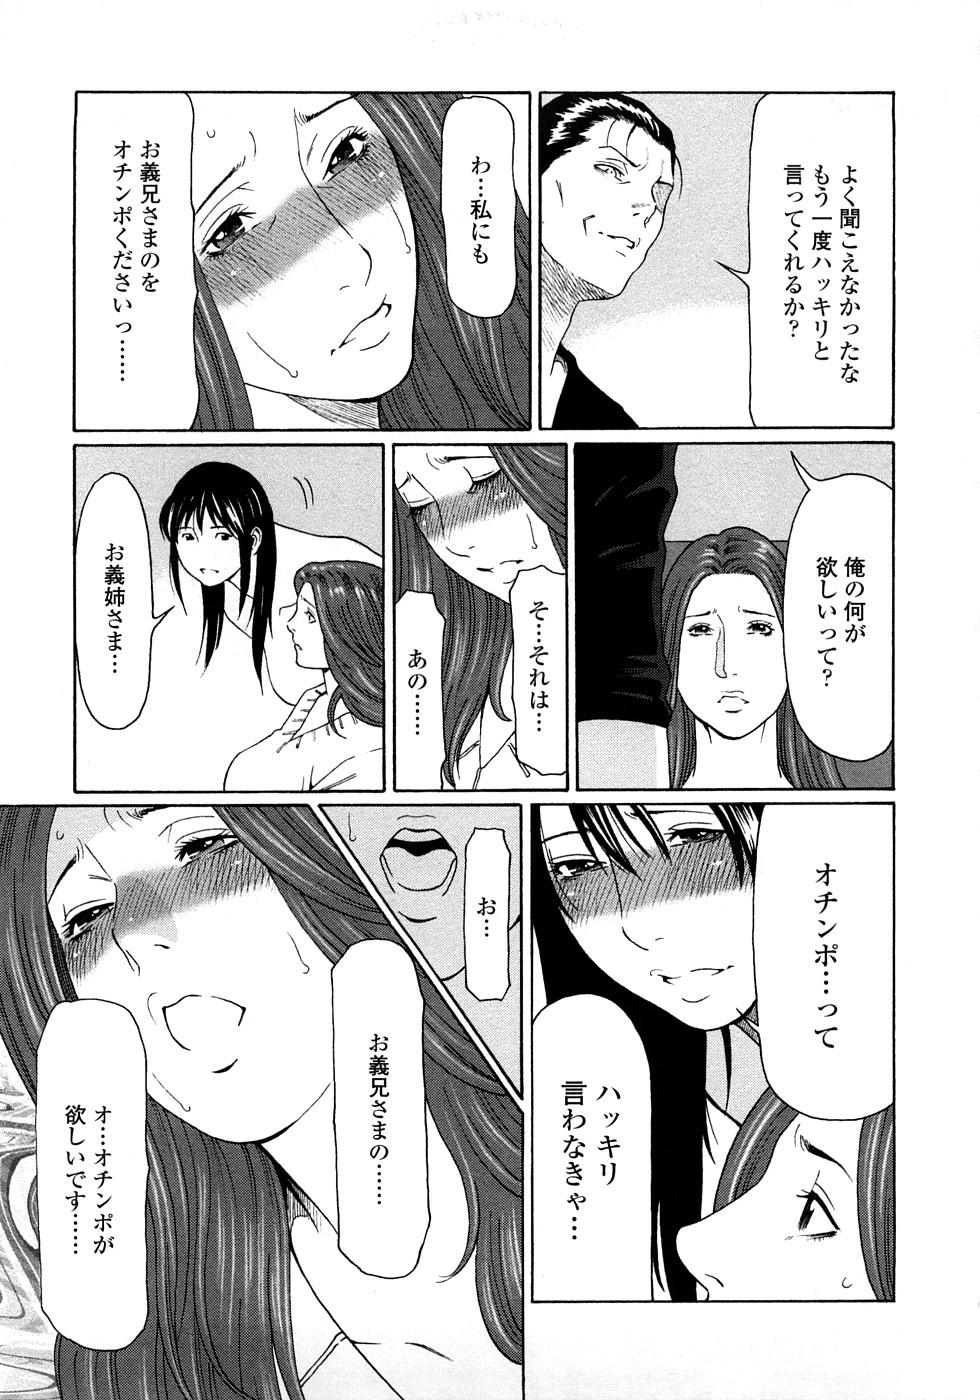 Etsuraku no Tobira - The Door of Sexual Pleasure 79